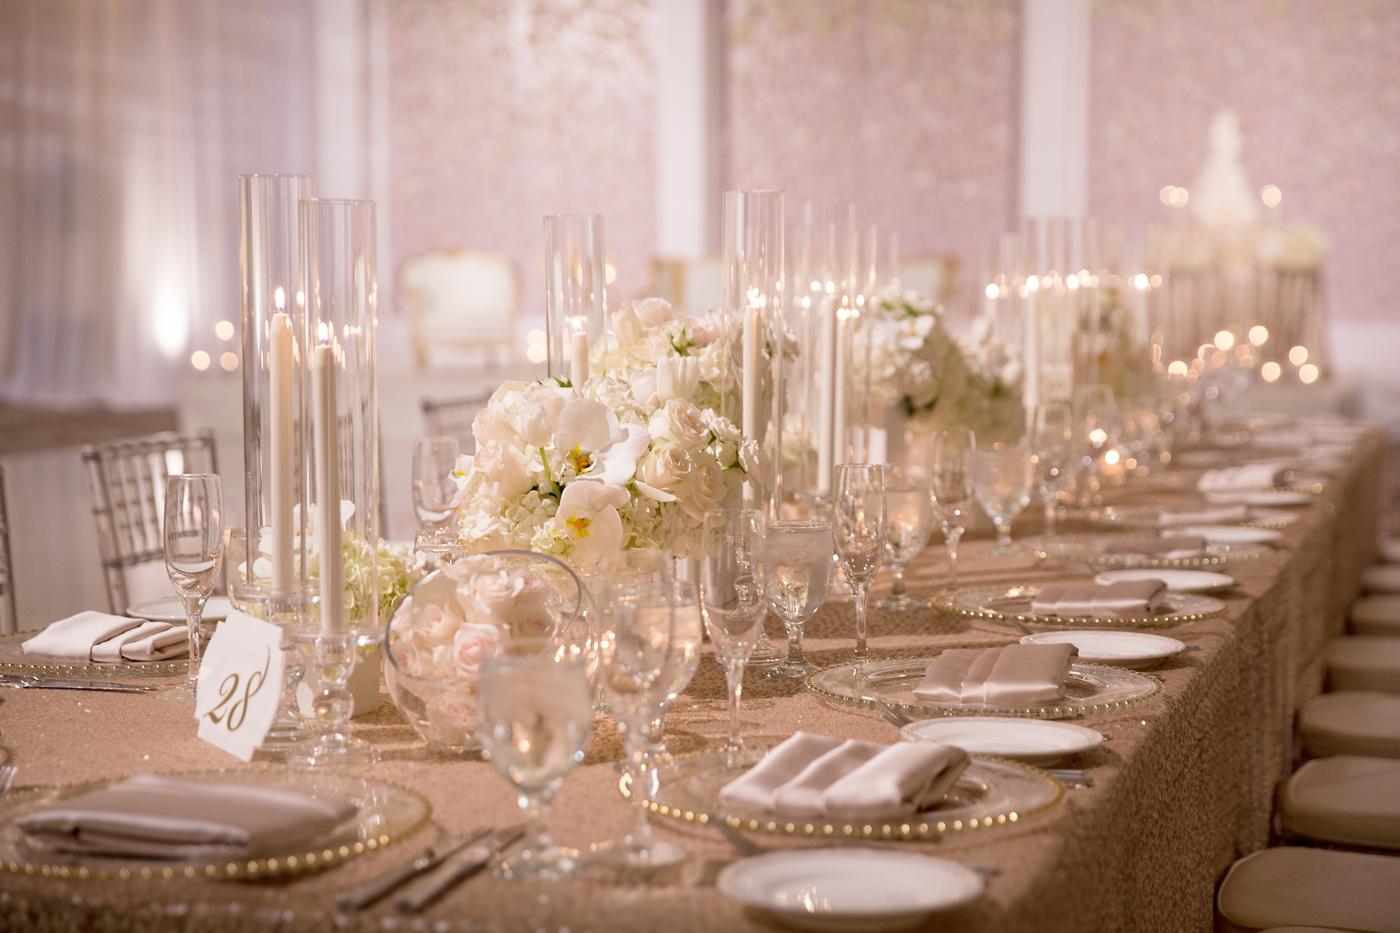 099_DukePhotography_DukeImages_Wedding_Details.jpg